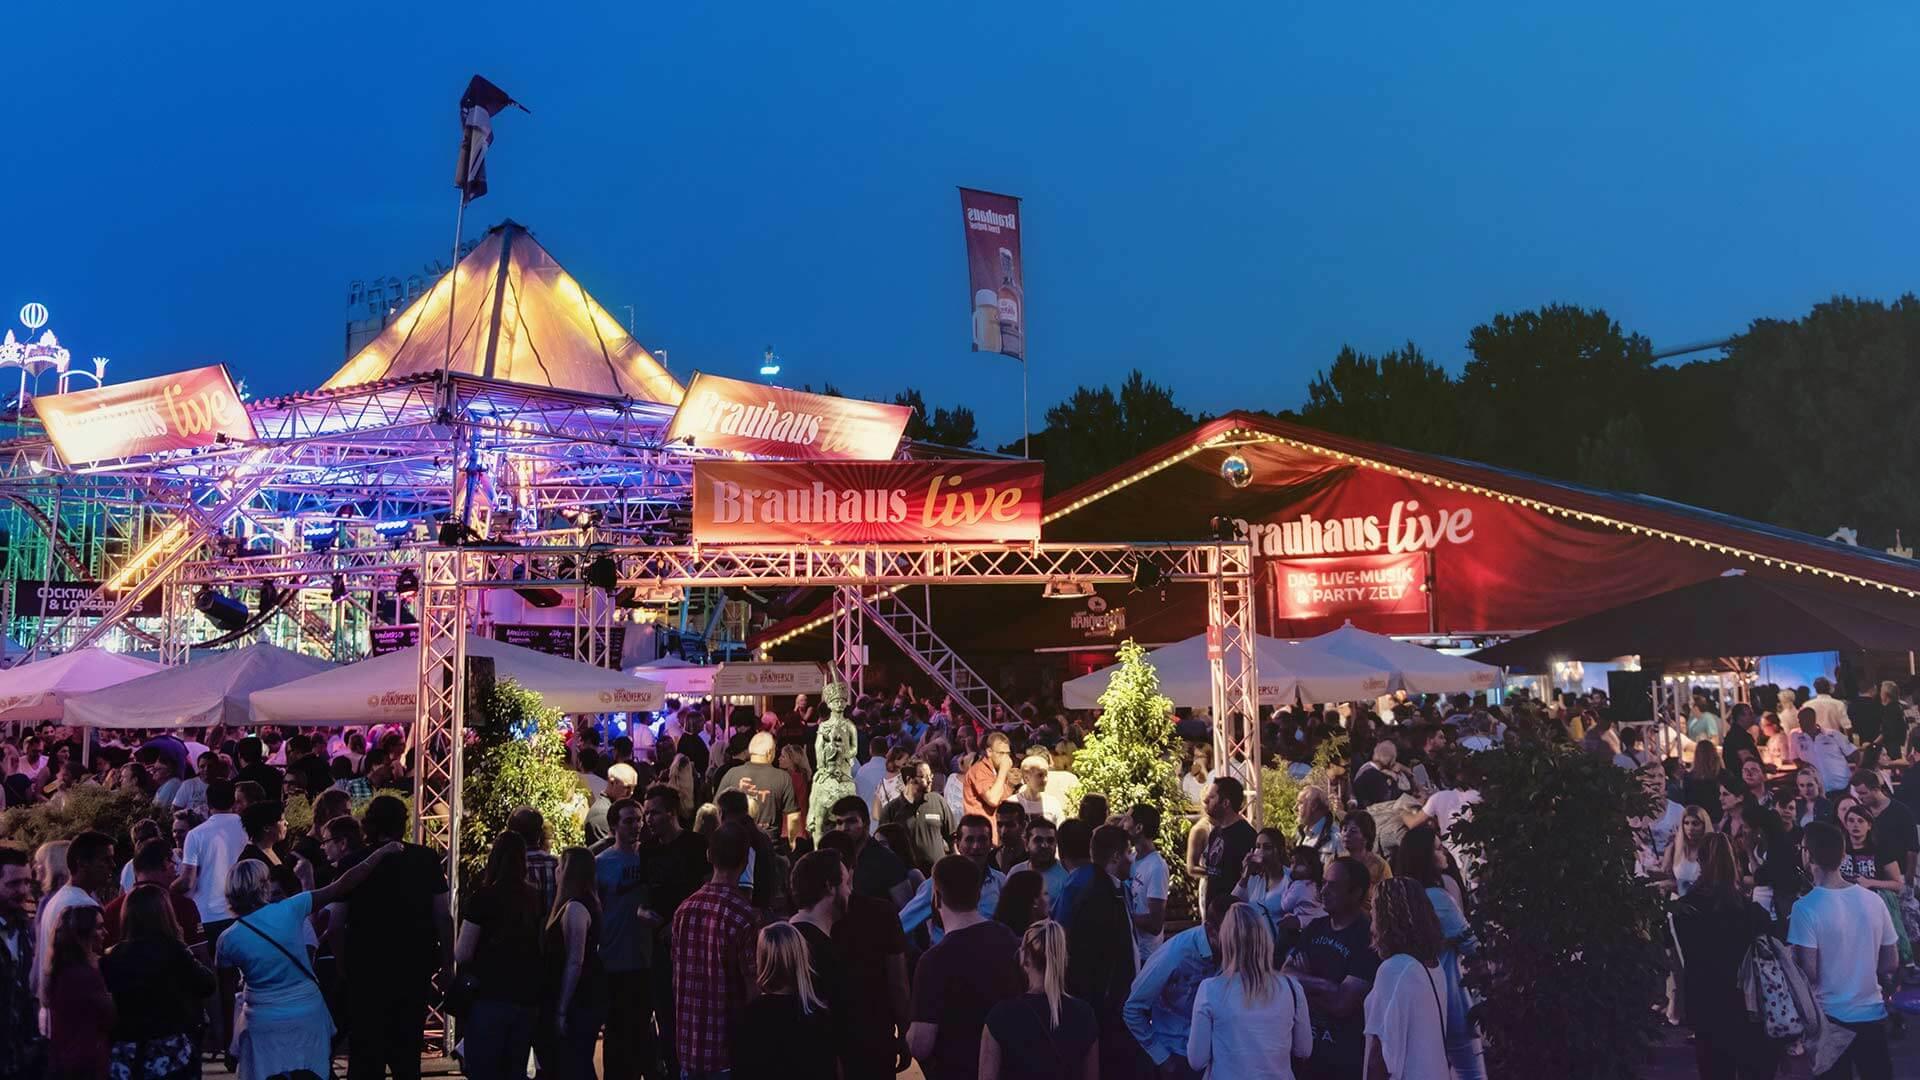 Brauhaus Live Schützenfest